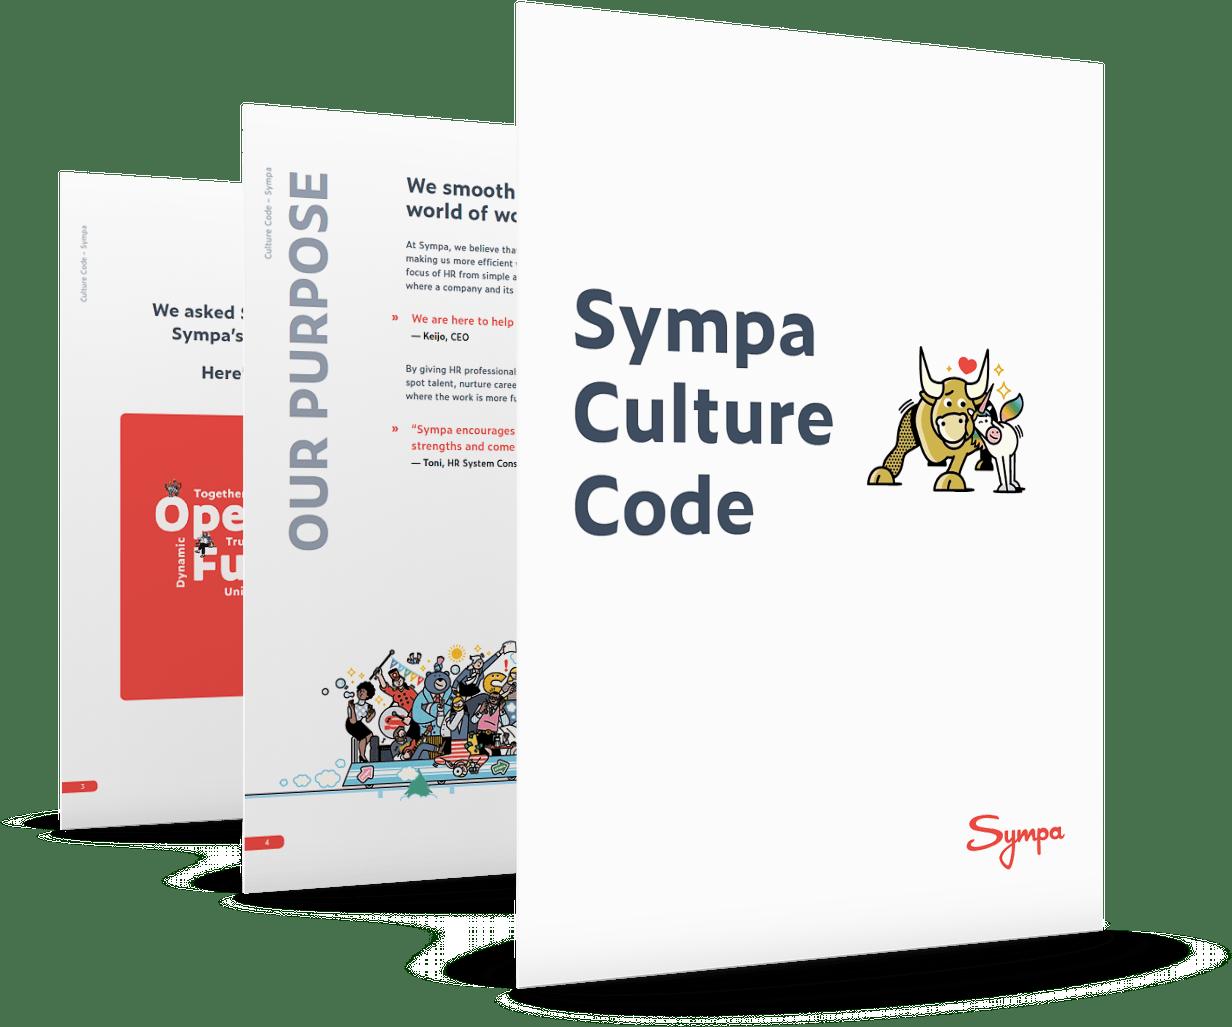 Sympa's Culture Code